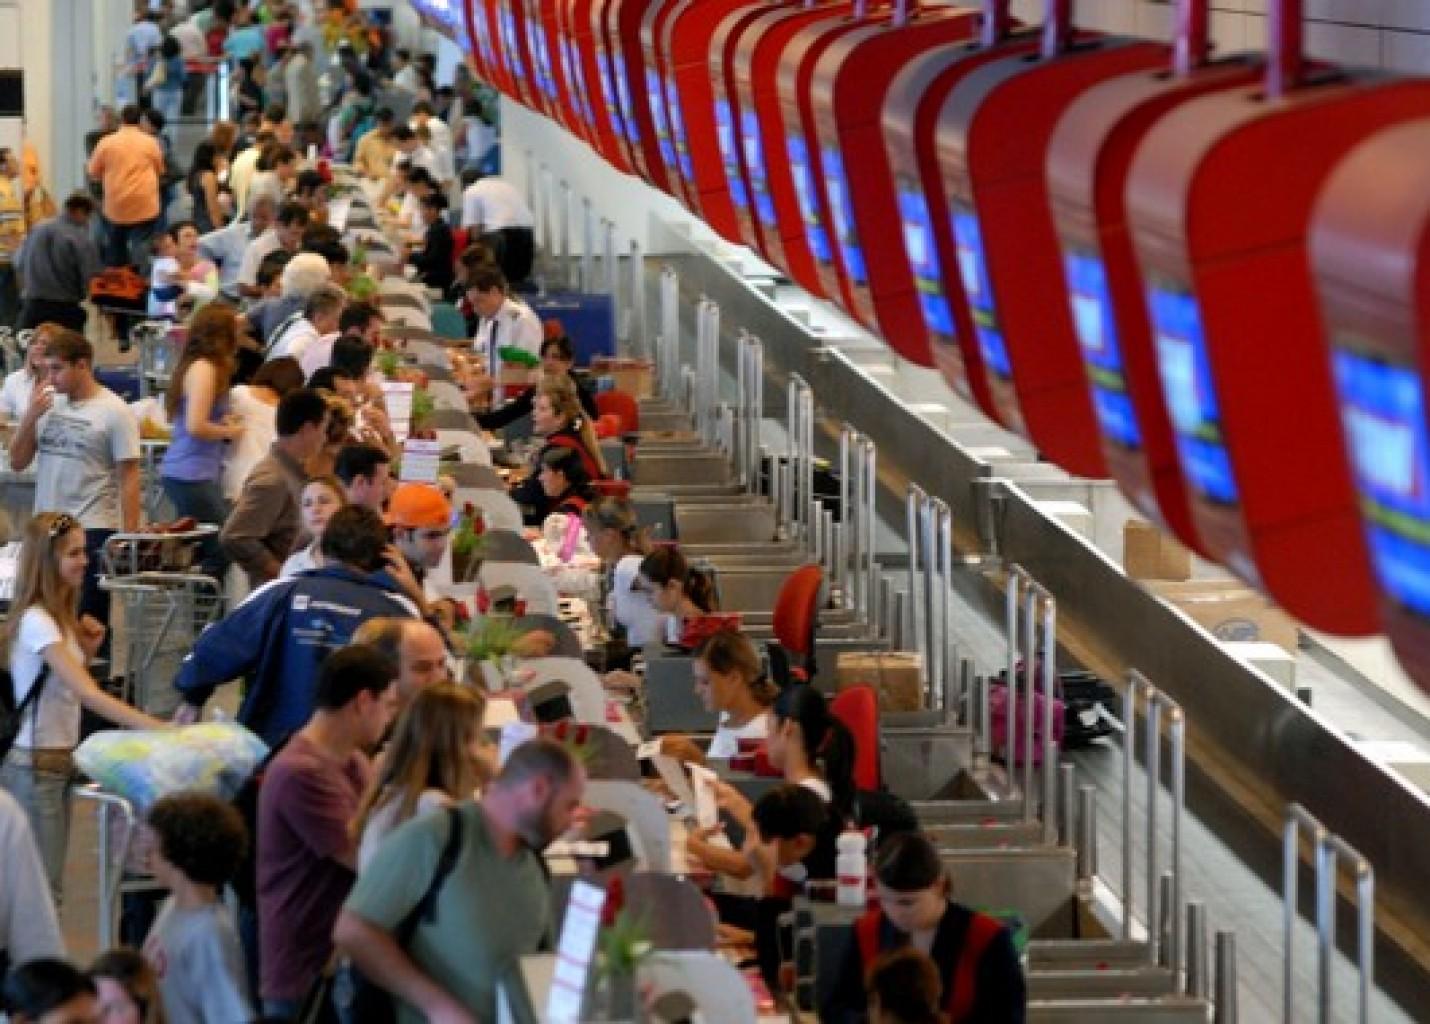 Aeroportos estão prontos para a temporada de verão, diz Infraero